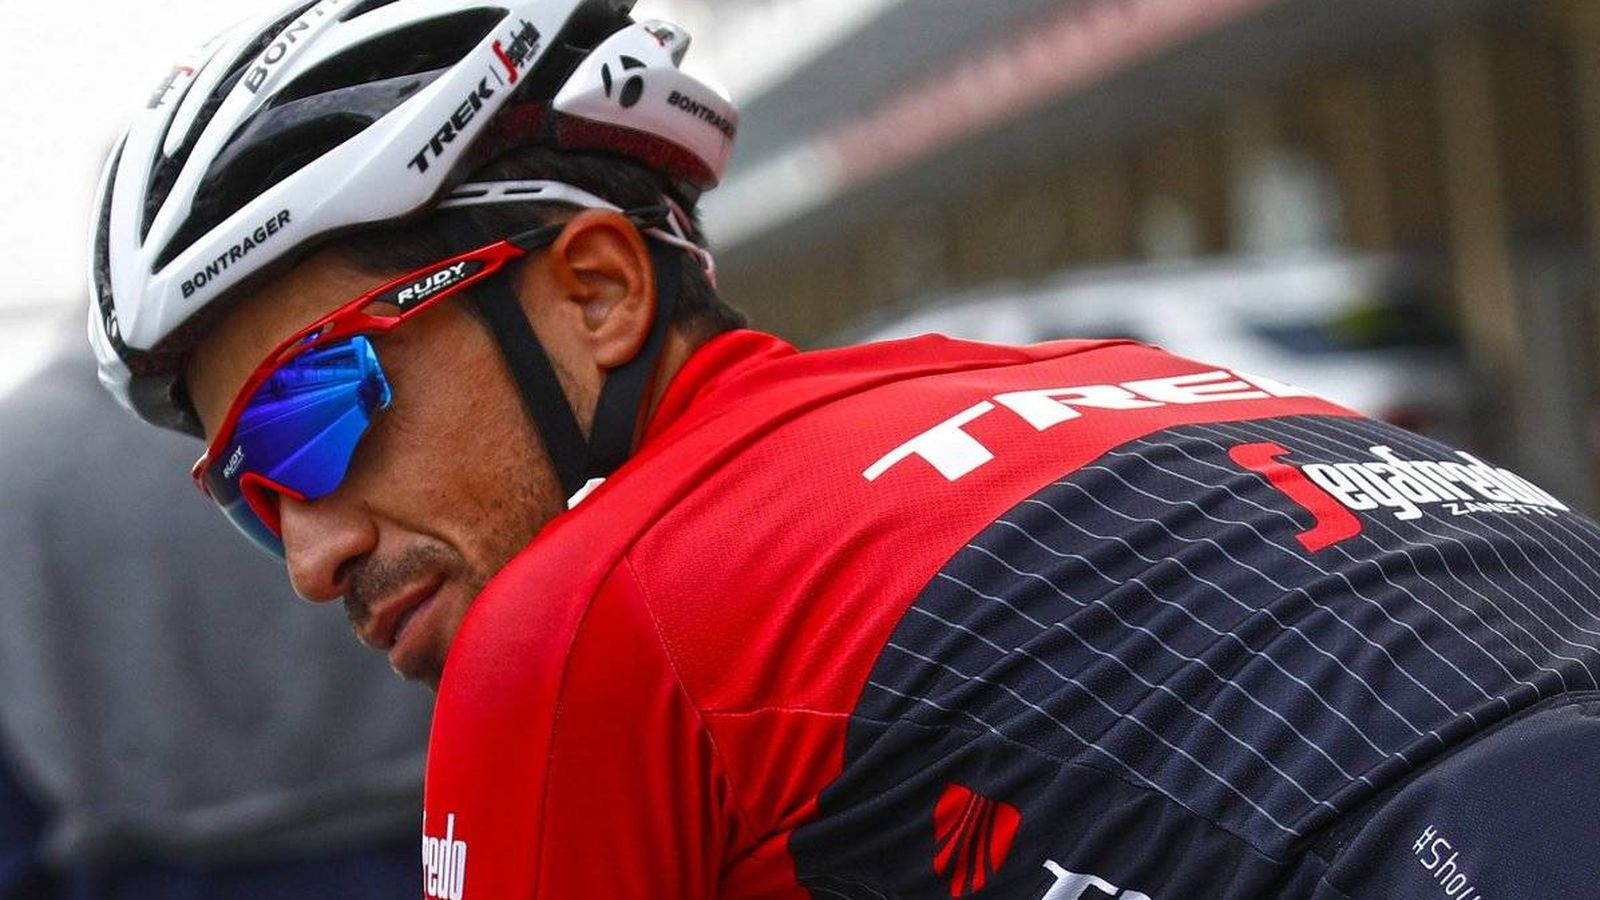 Foto: Alberto Contador empezó la Itzulia por los suelos. (Trek-Segafredo)